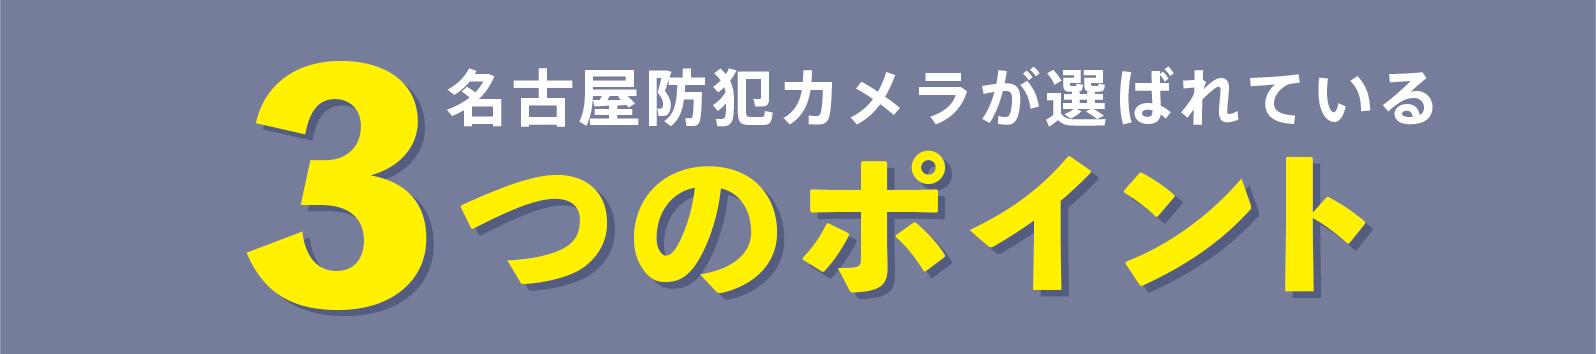 名古屋防犯カメラが選ばれている3つのポイント